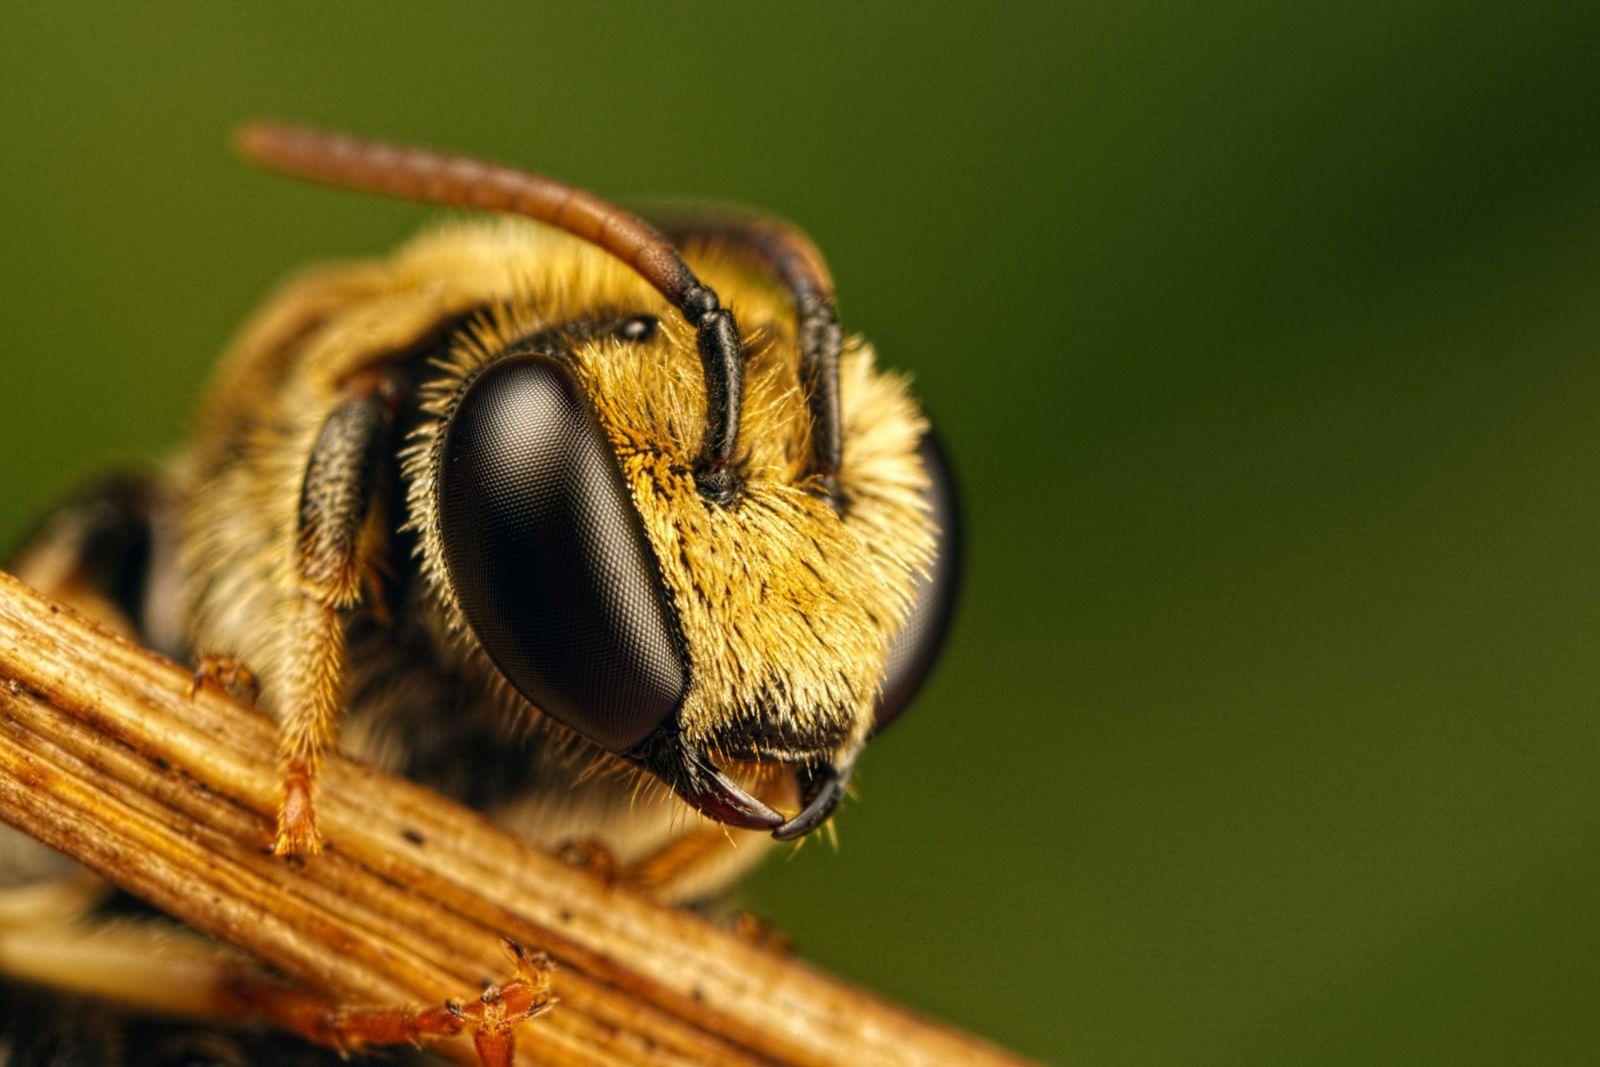 Бджолярі створили петицію щодо заборони застосування інсектицидів